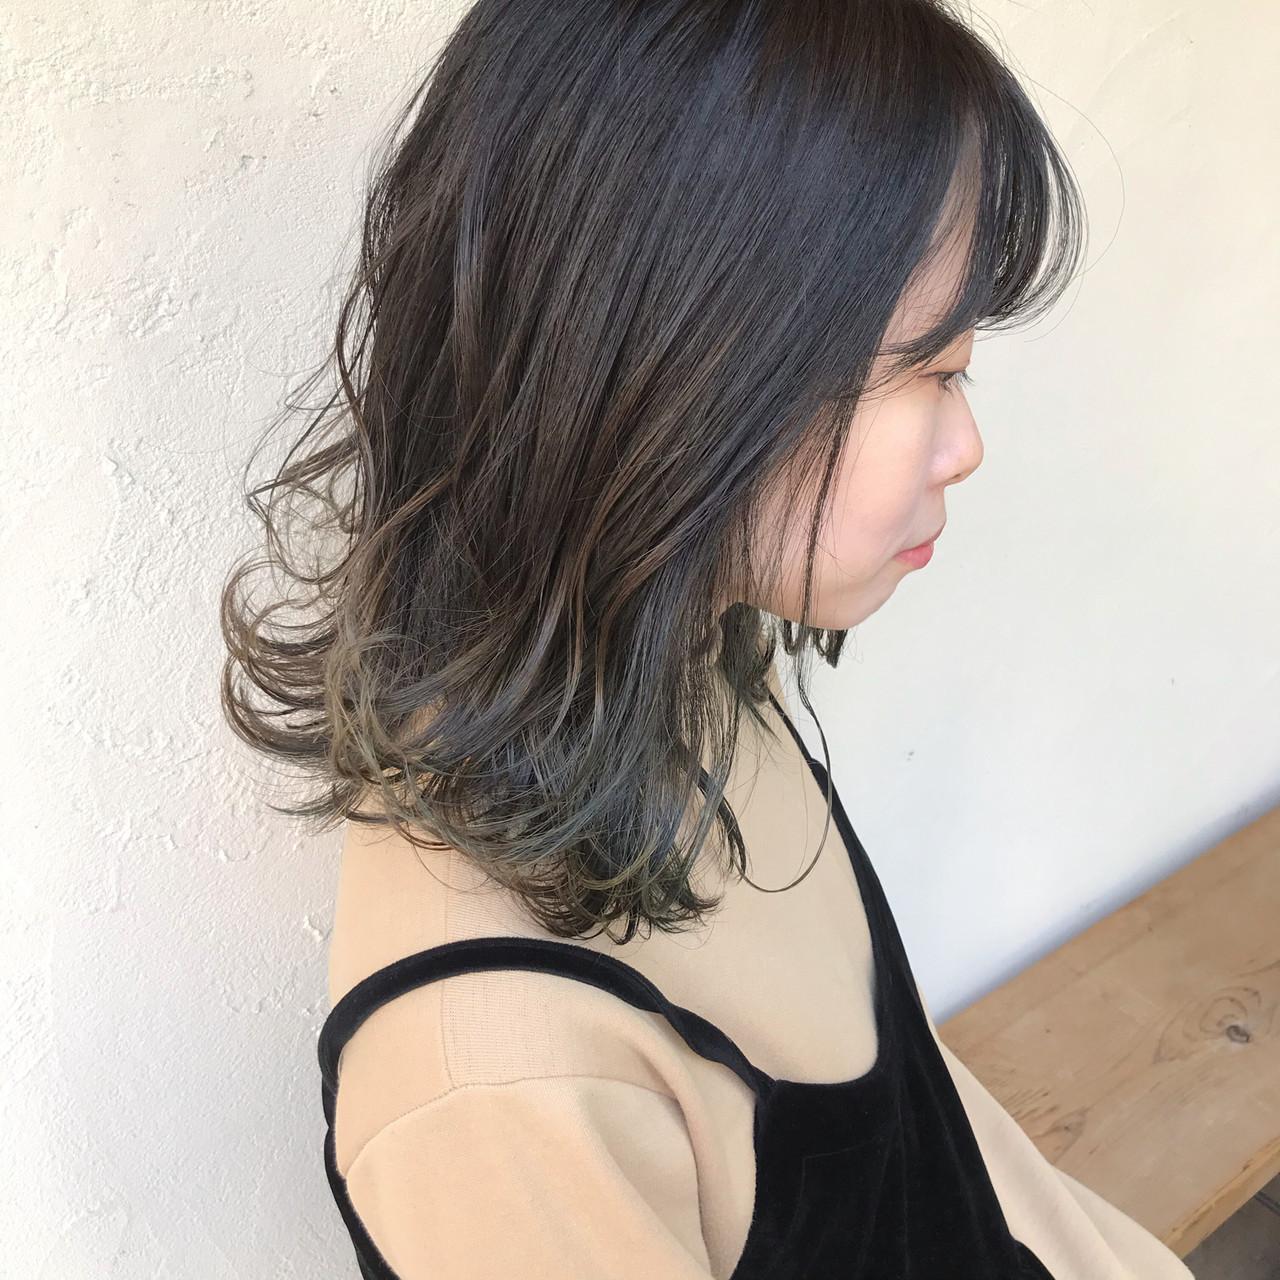 オリーブブラウン オリーブグレージュ オリーブカラー オリーブアッシュ ヘアスタイルや髪型の写真・画像